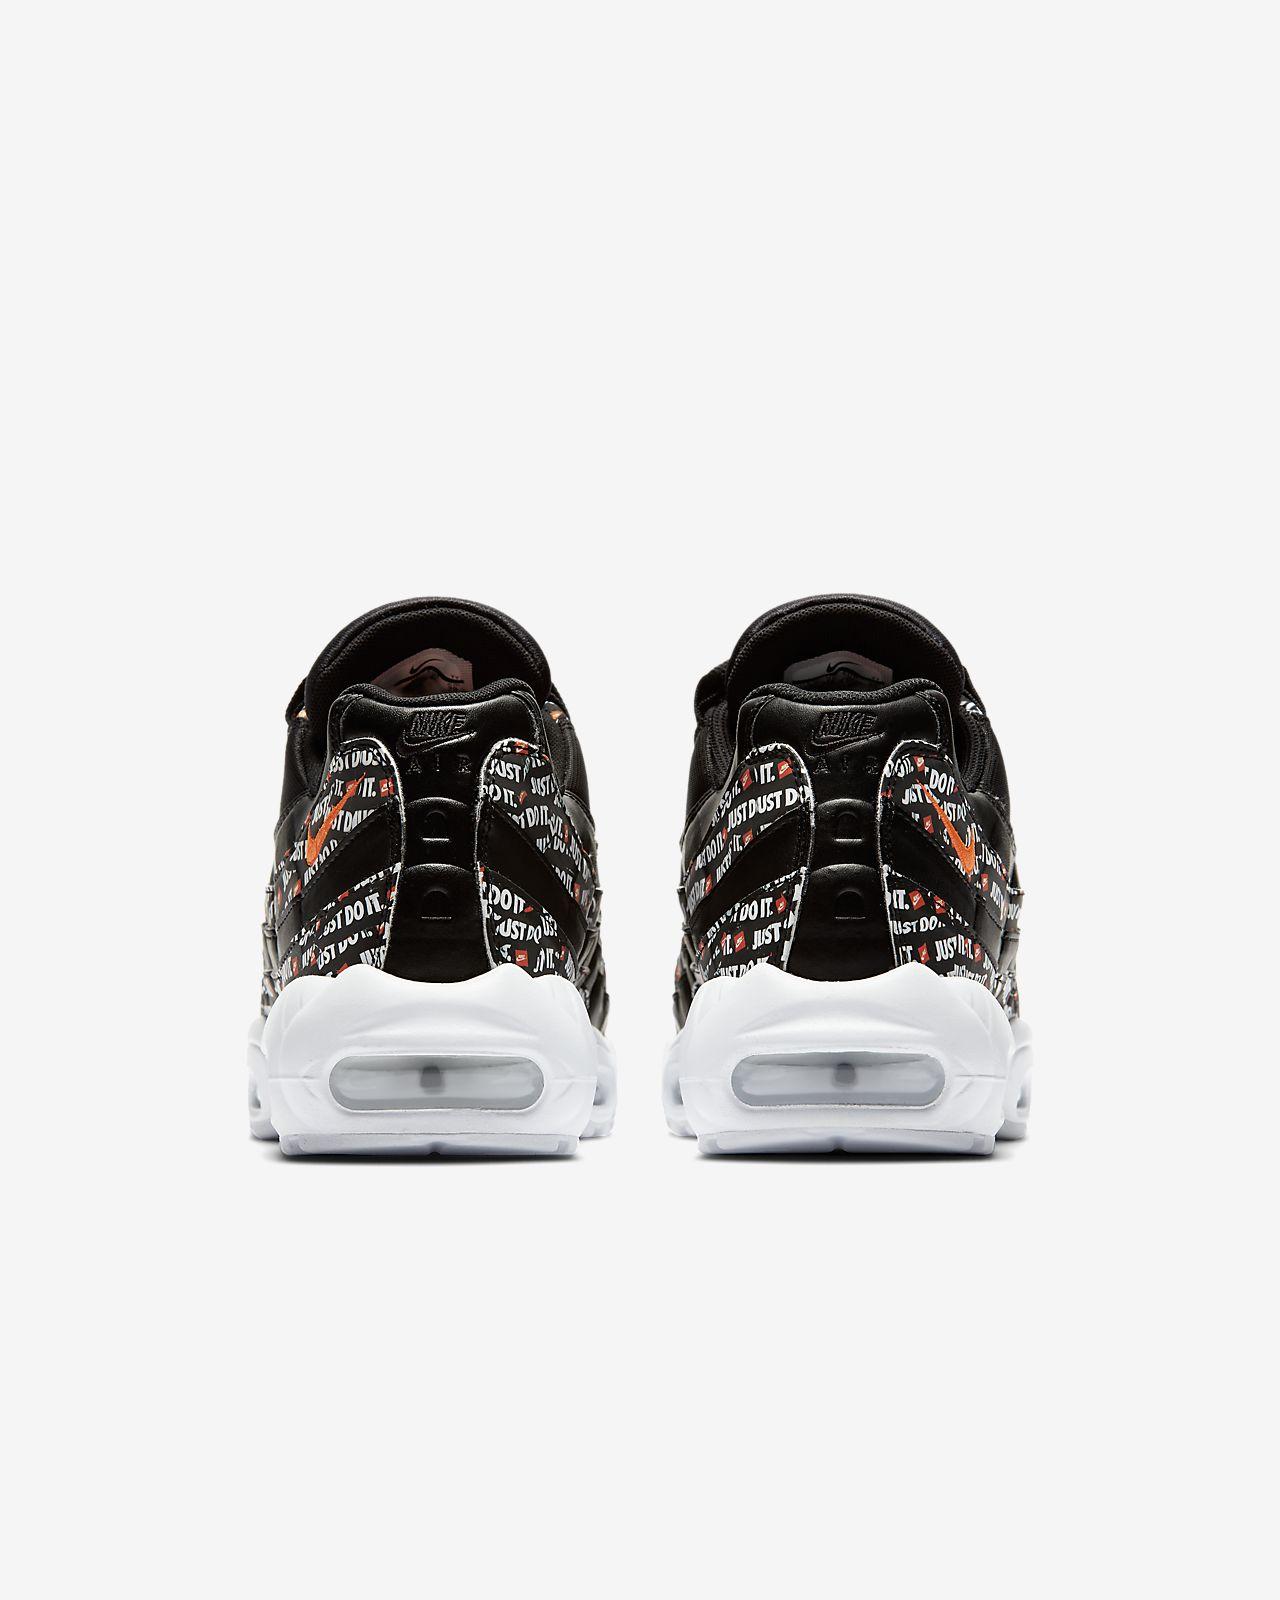 hot sale online c36a8 439d1 ... Nike Air Max 95 SE Men s Shoe